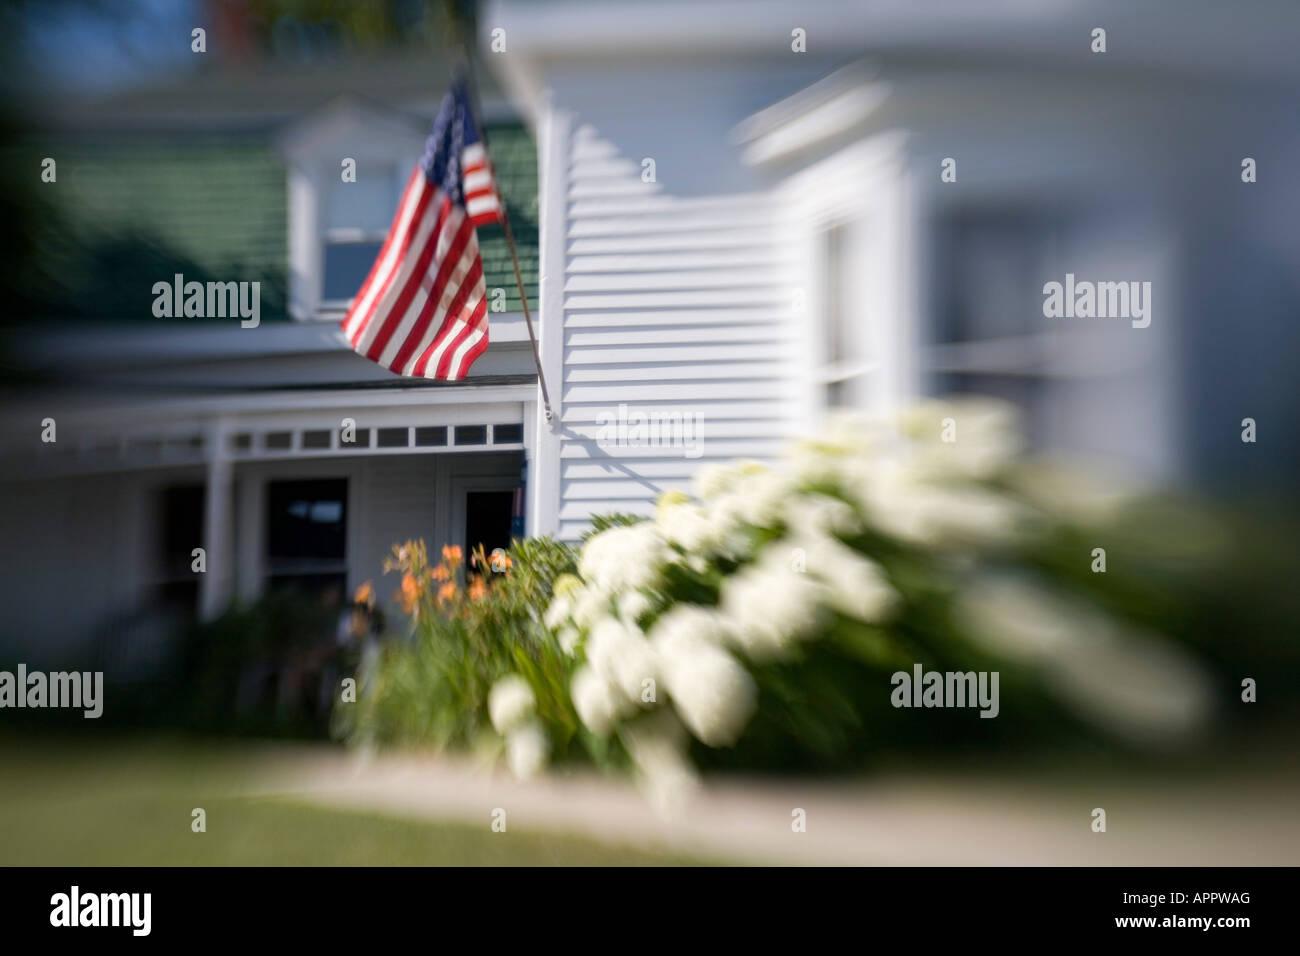 Undeutliches Bild des weißen Schindeln Haus Maine USA Neuengland mit amerikanischen Flagge und Hortensie Blumen Stockbild